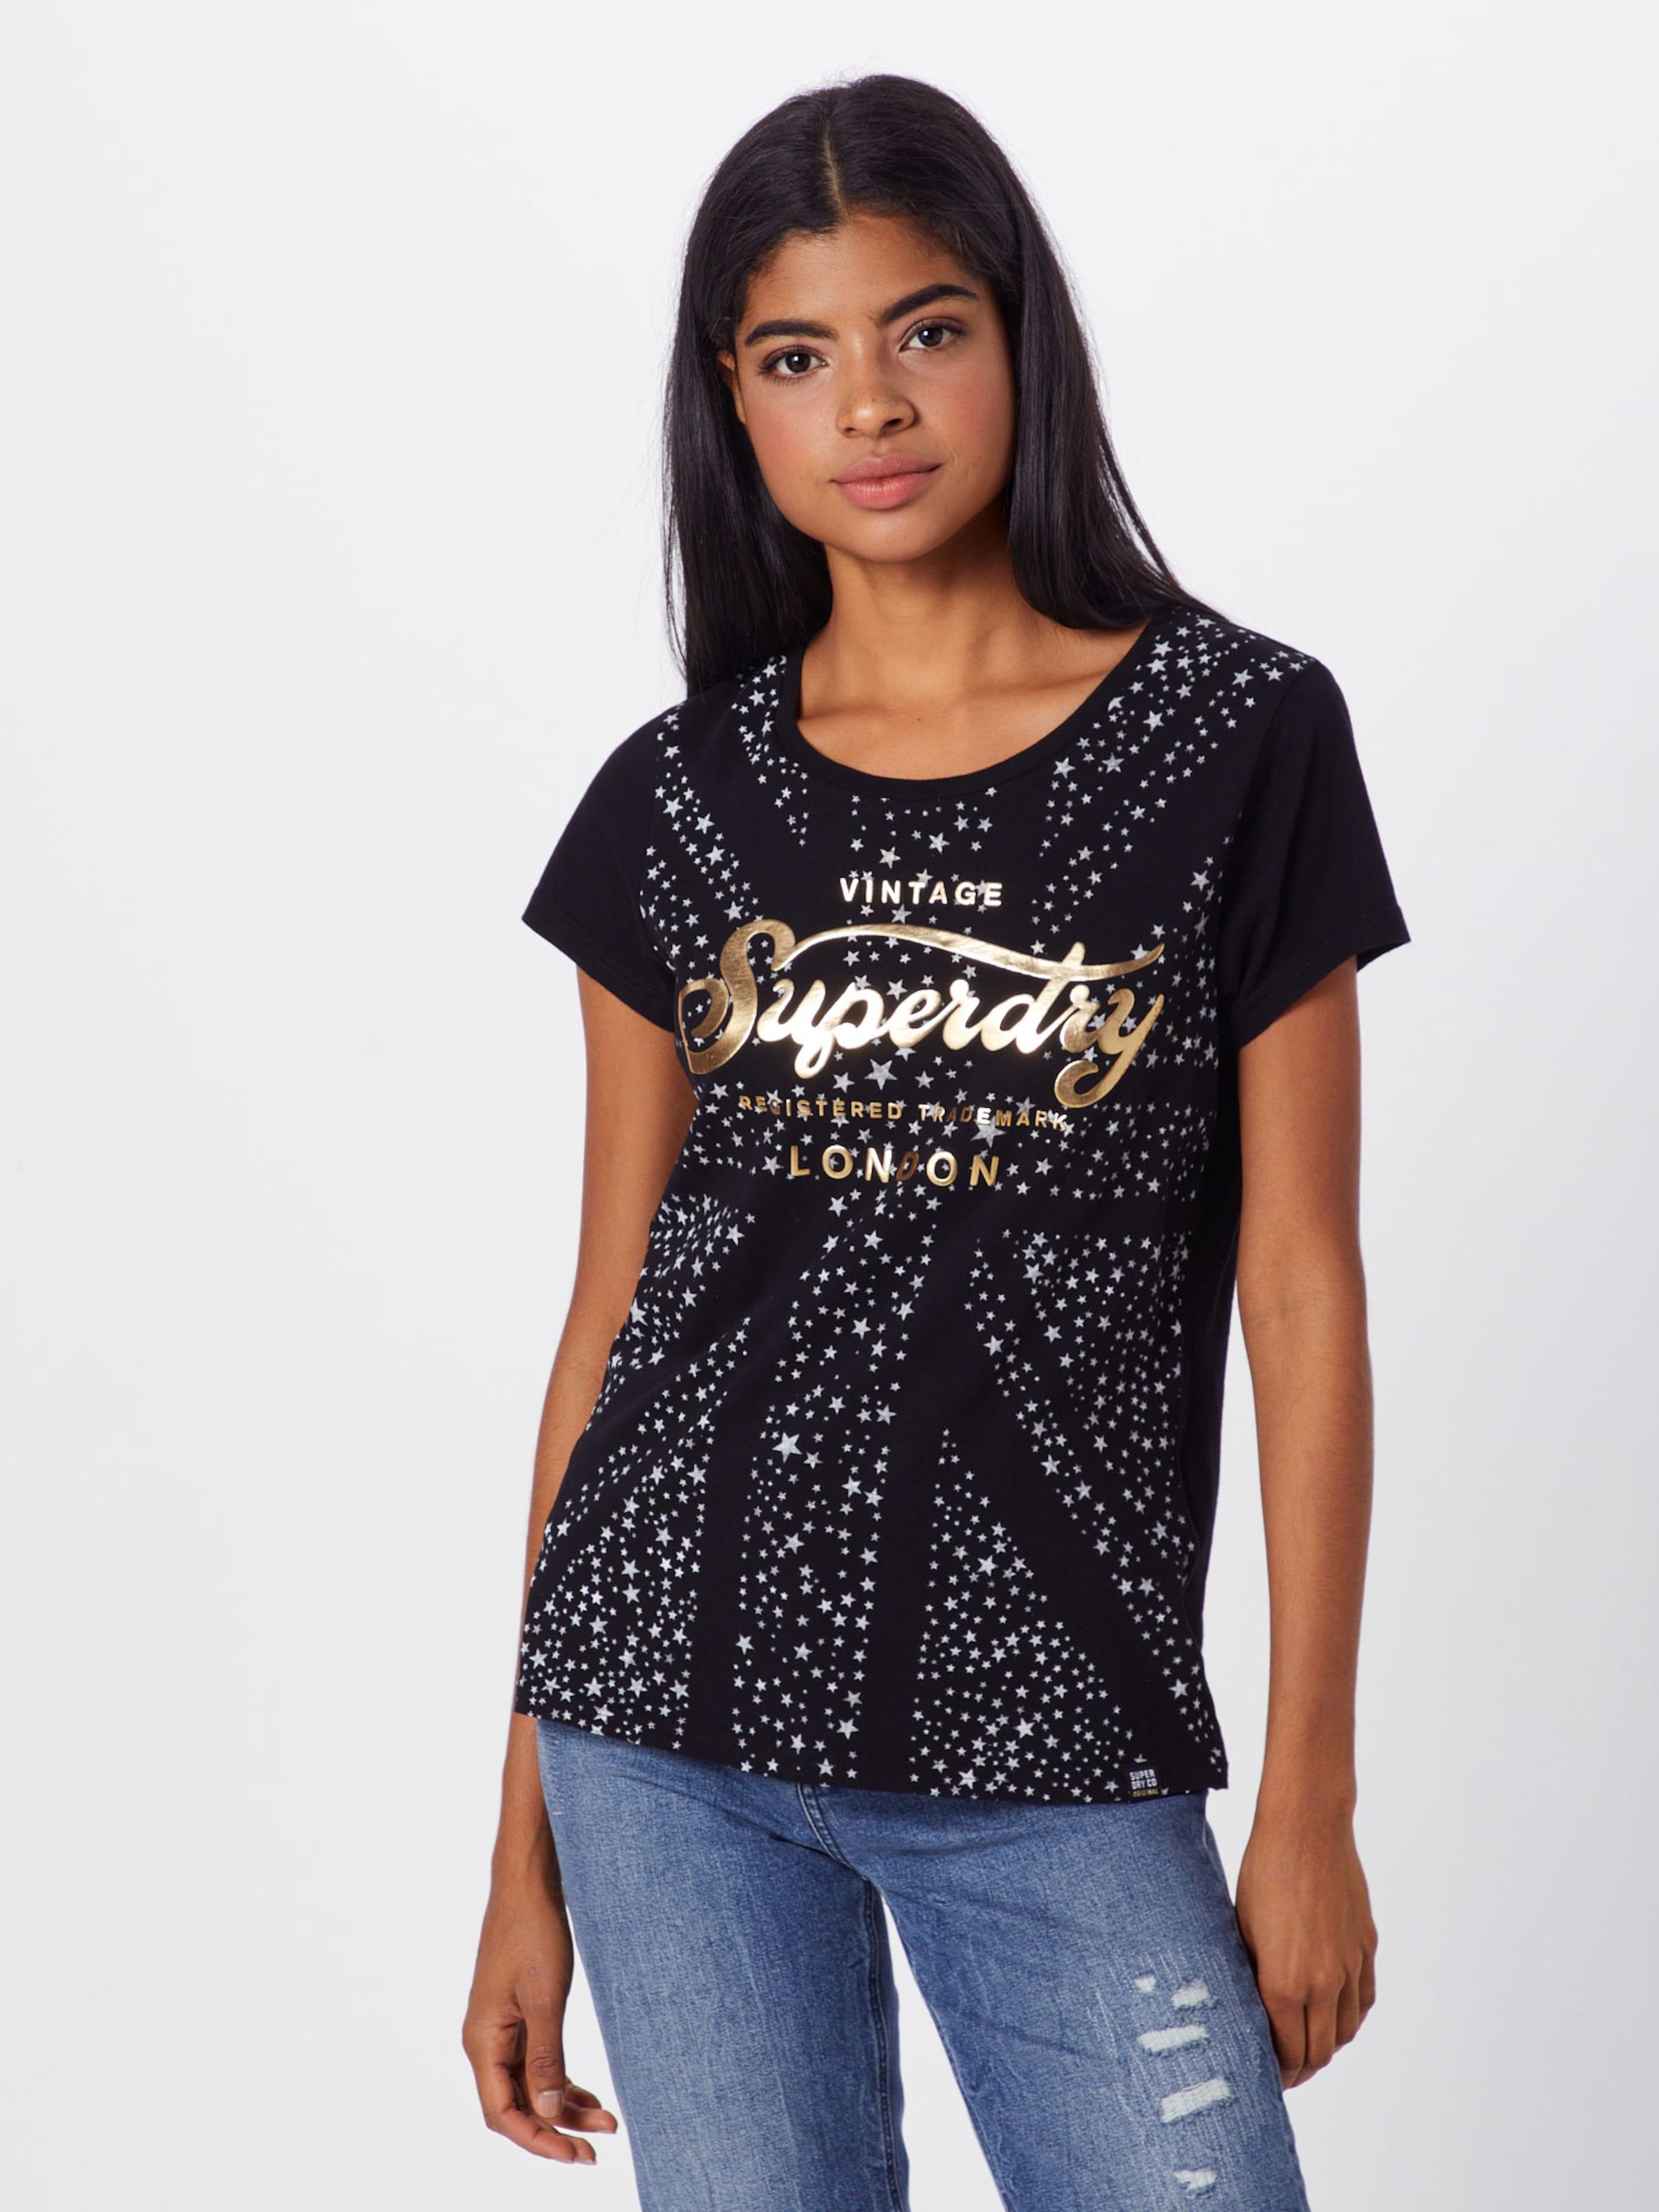 En T OrNoir Superdry shirt Argent xBodCeWQr